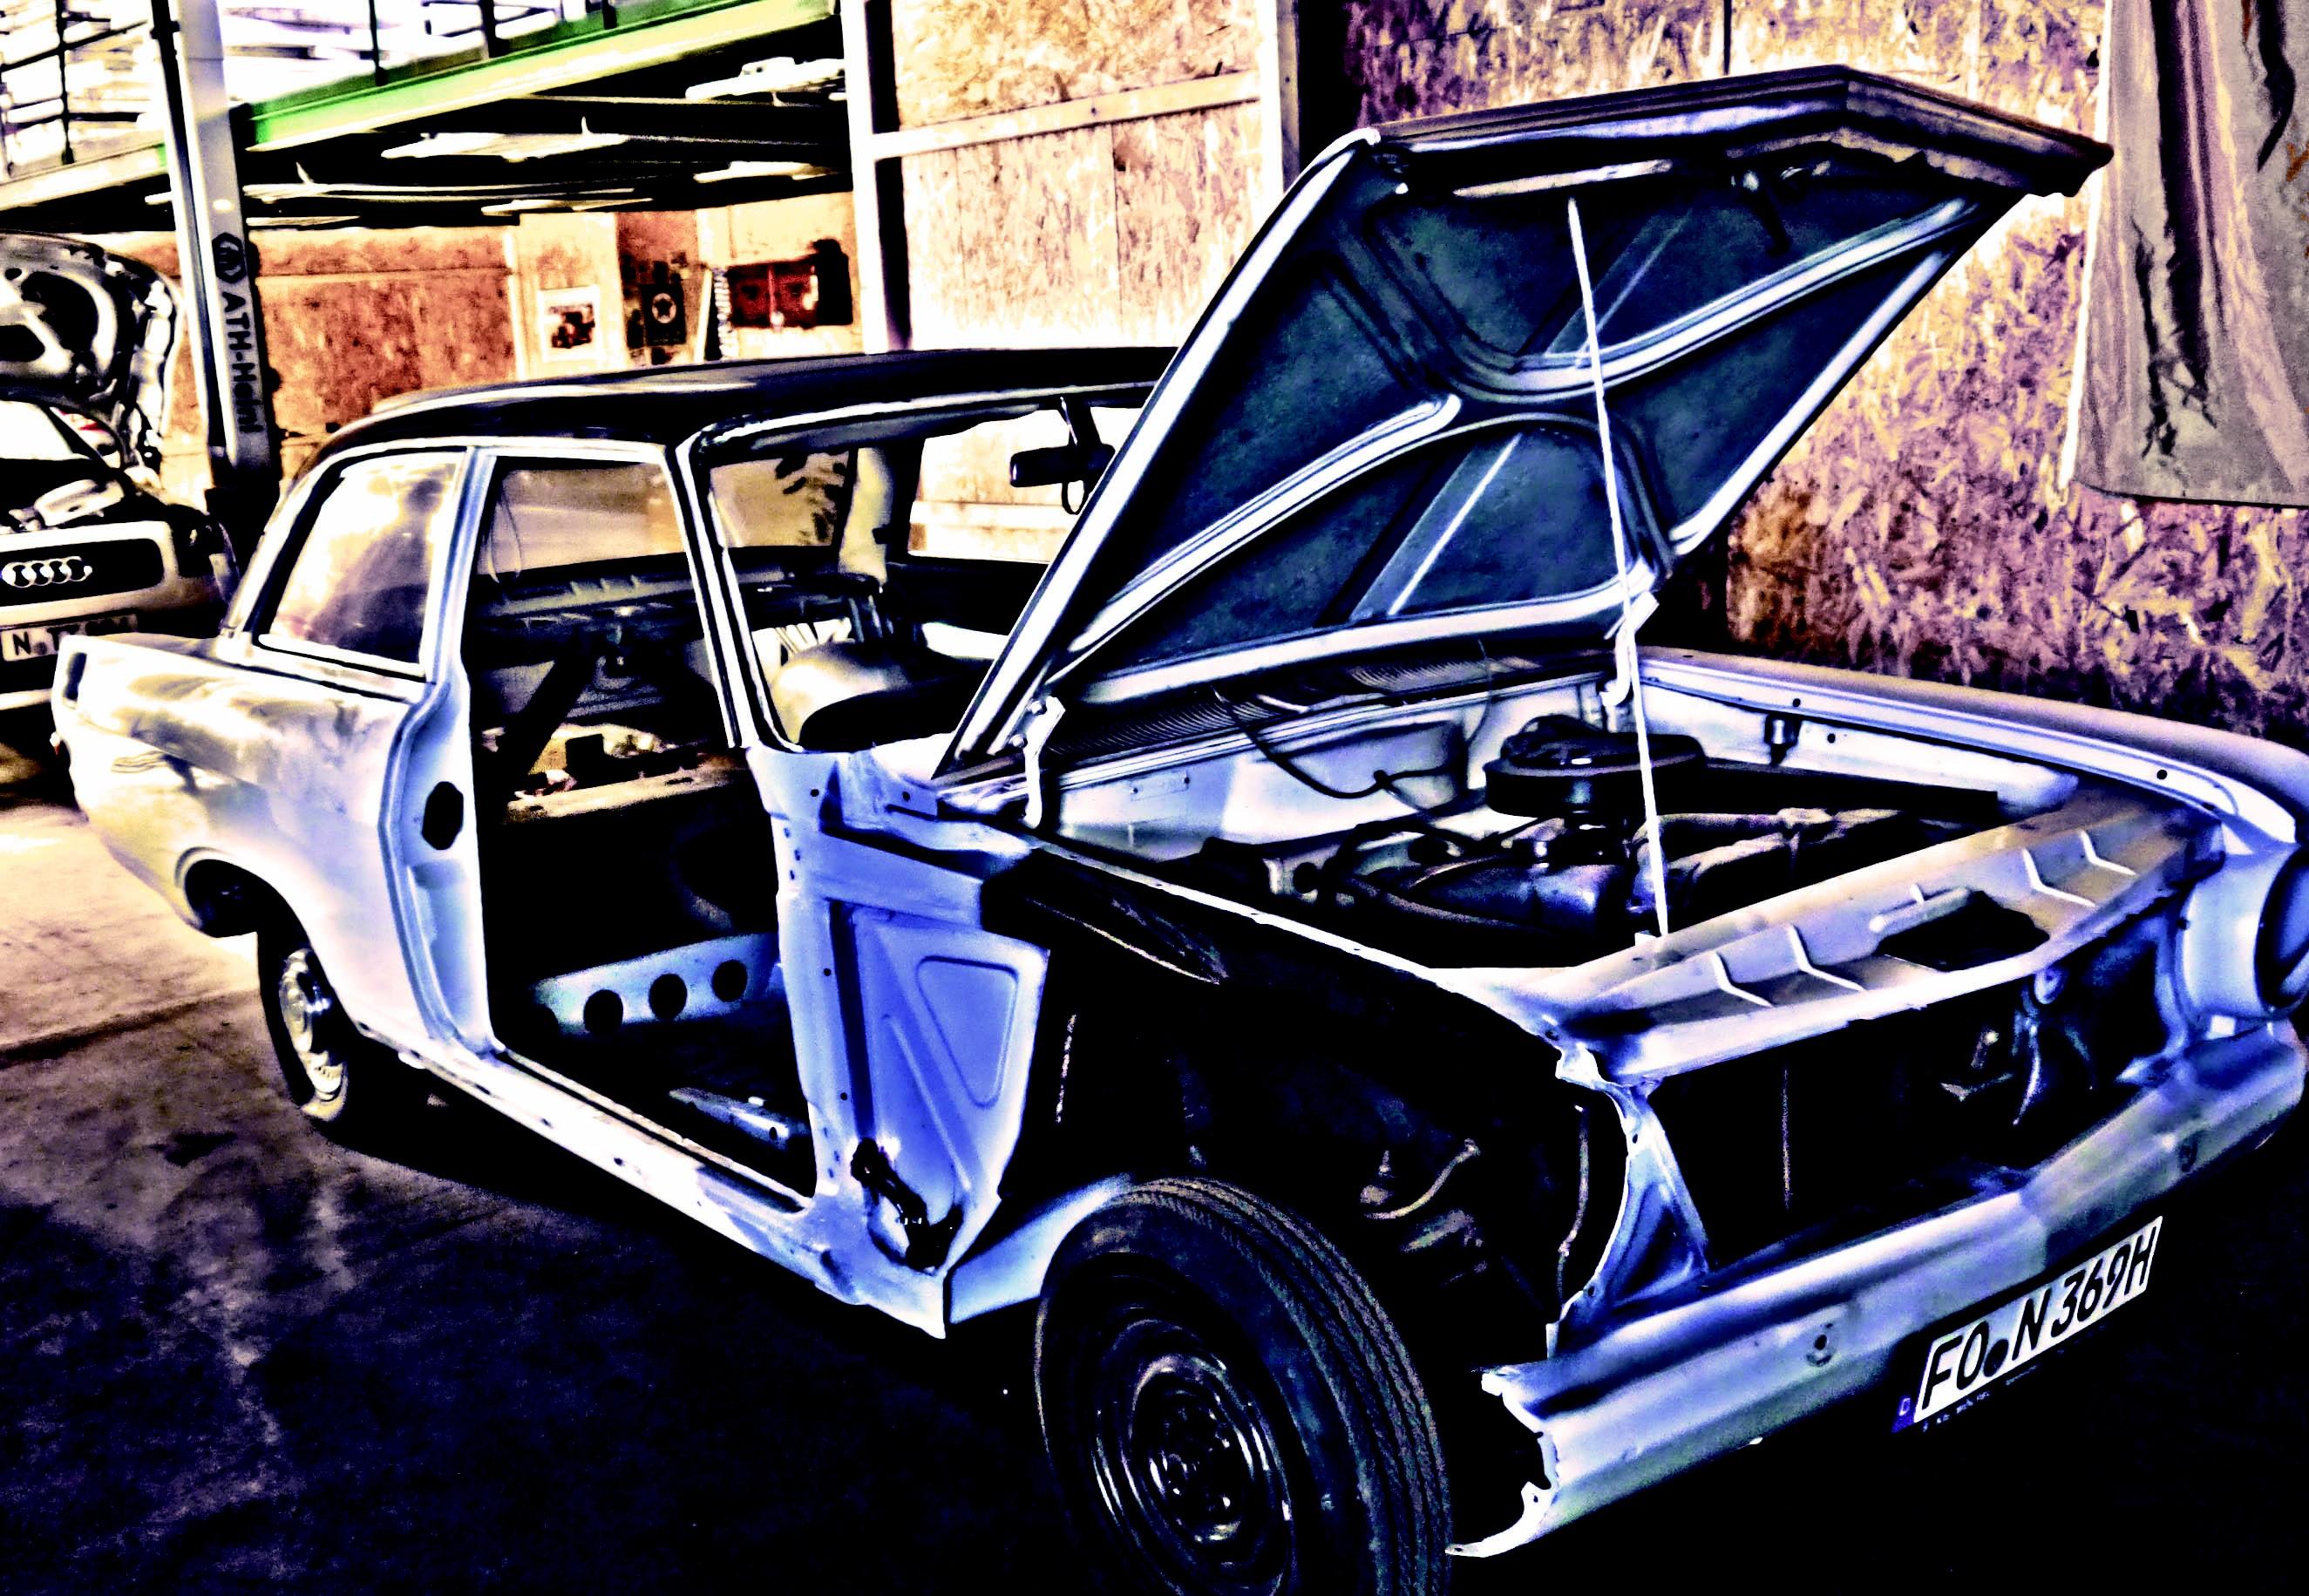 520+ Gambar Bengkel Mobil Mewah Terbaru